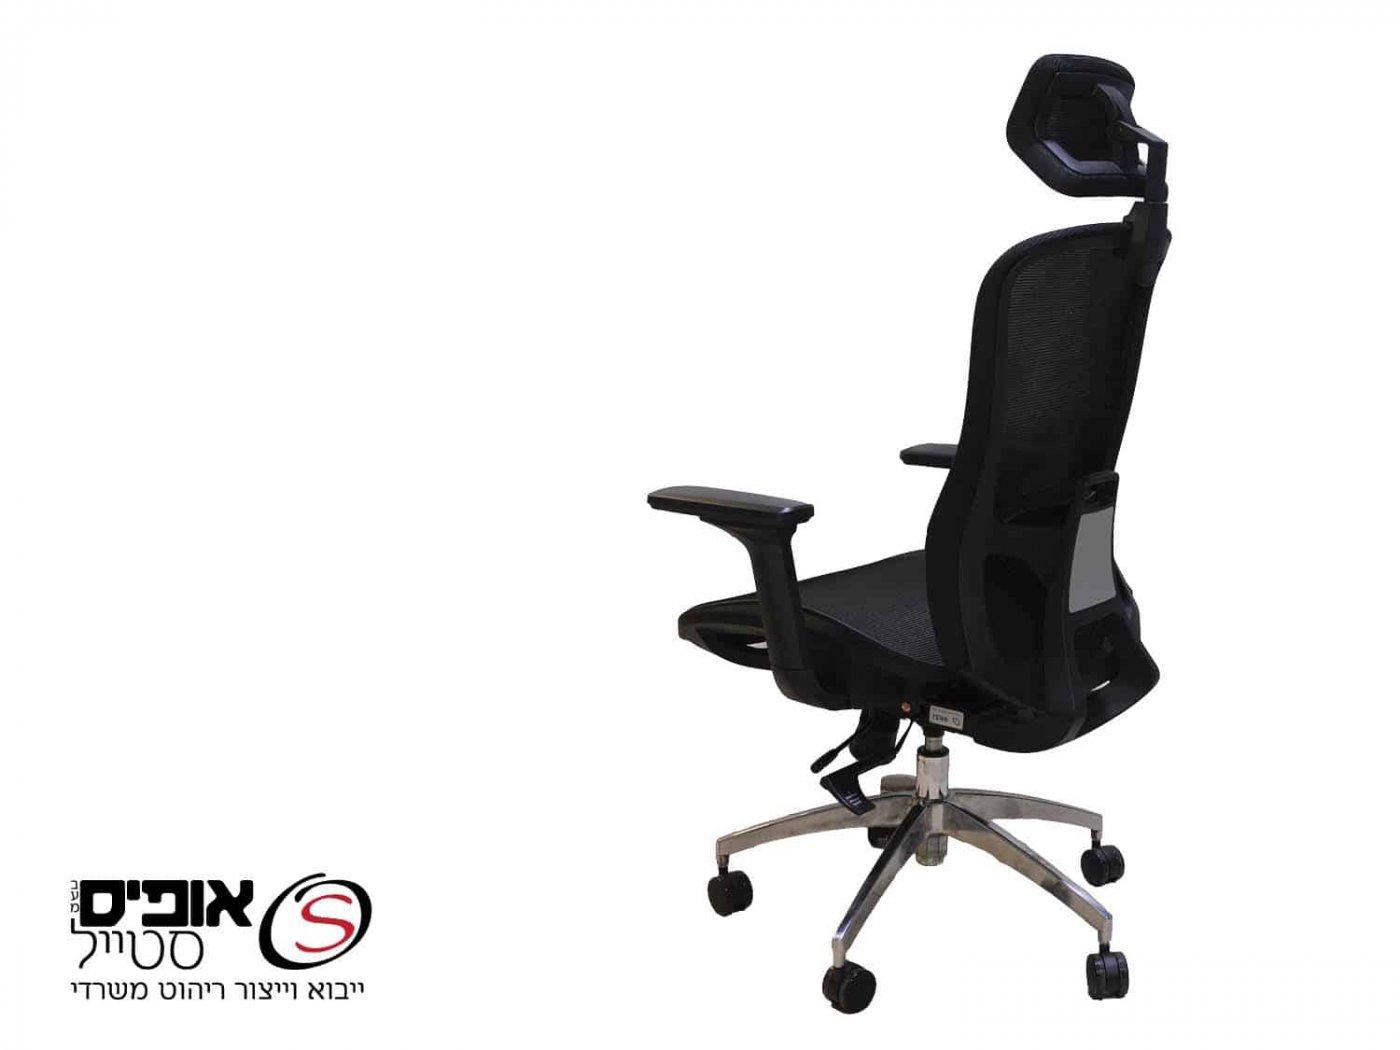 כסא מנהלים דגם שביט